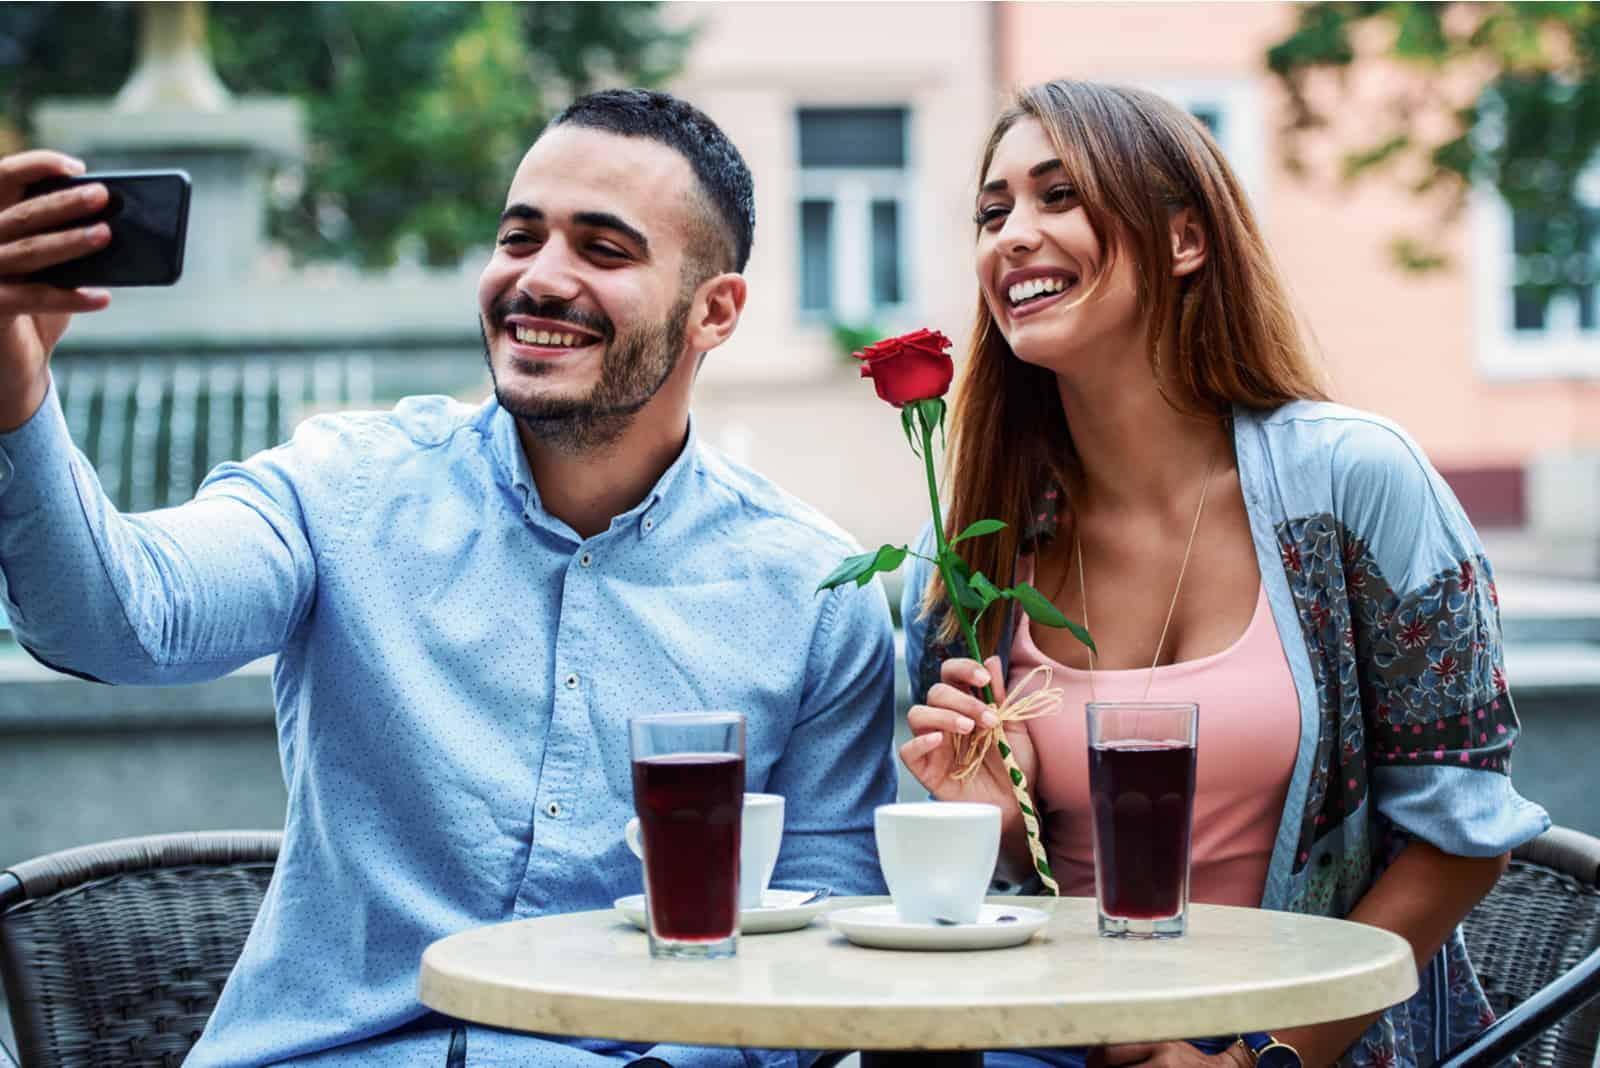 un homme et une femme assis à une table en riant tout en prenant des photos